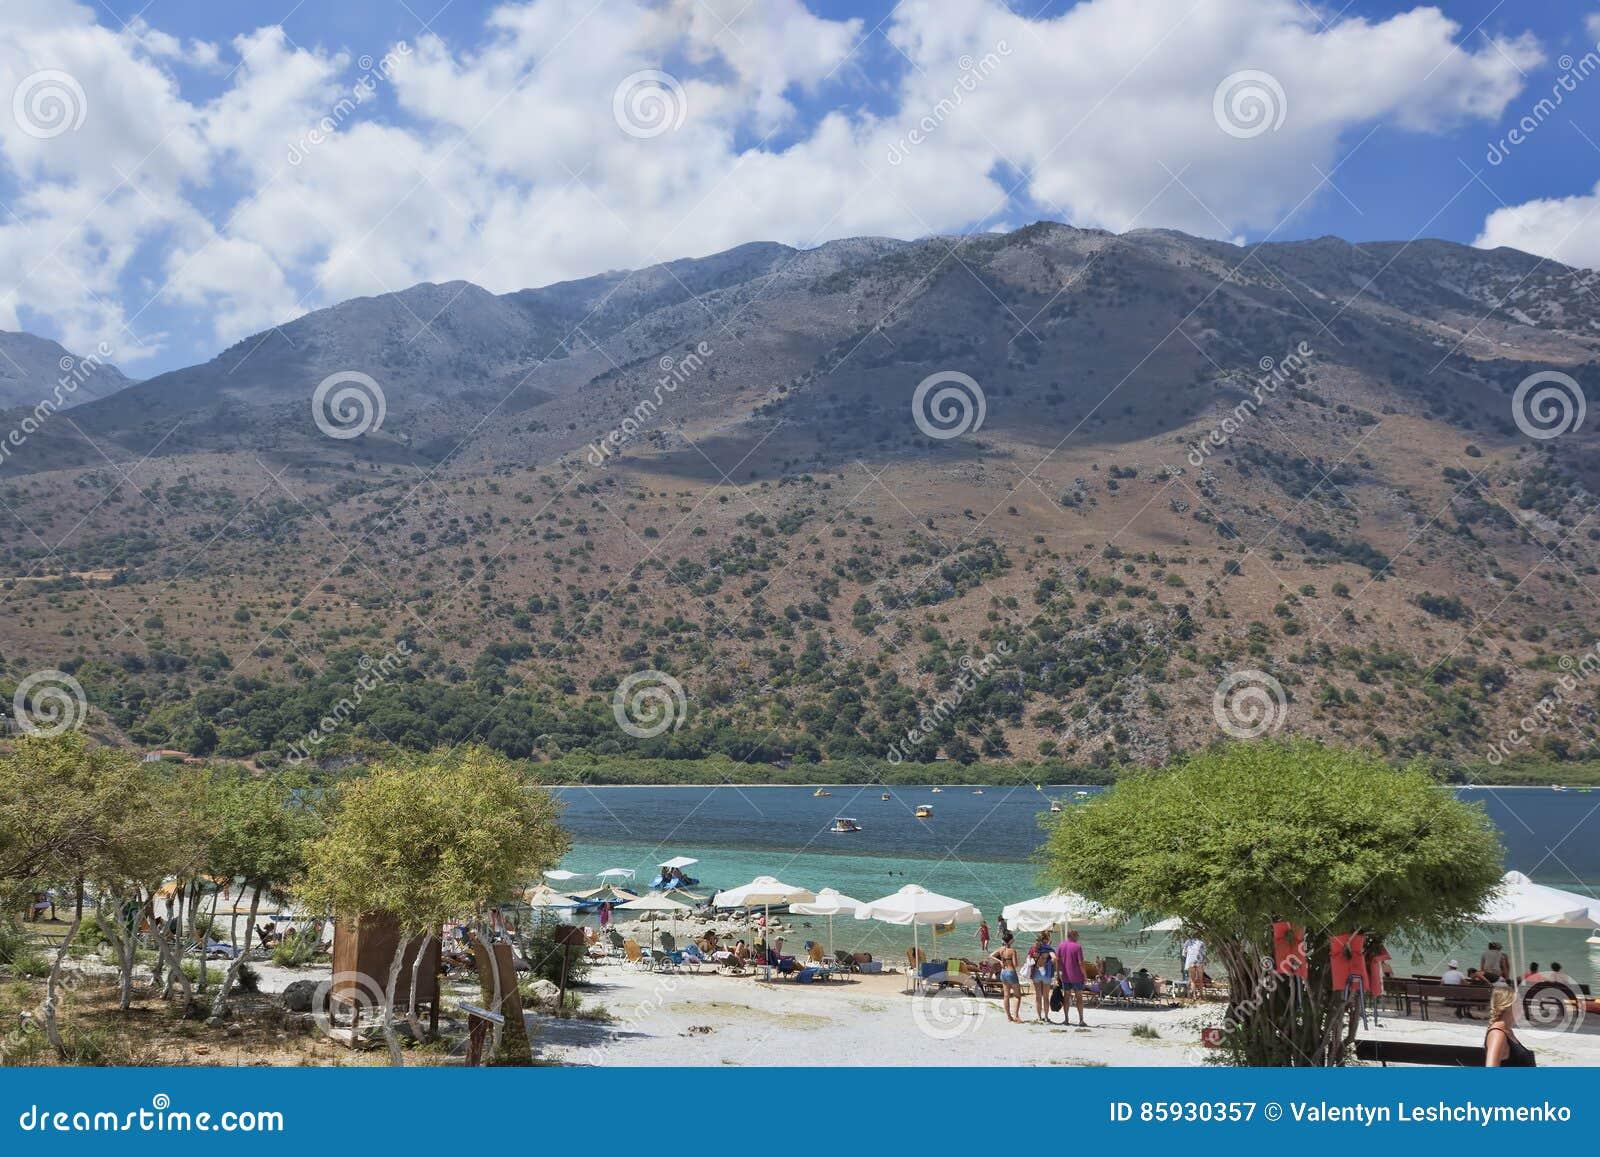 Παραλία στη λίμνη Kournas, η μεγαλύτερη του γλυκού νερού λίμνη στην Κρήτη